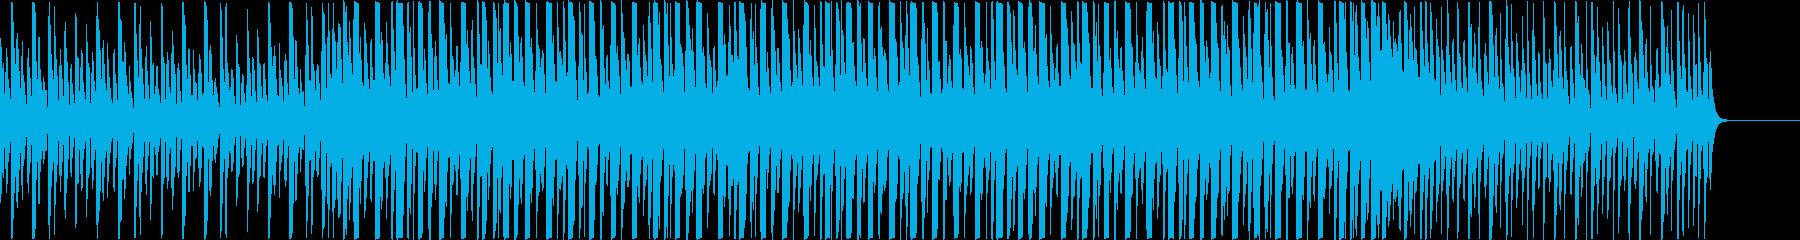 マリンバ、グロッケンの可愛らしい楽曲。の再生済みの波形